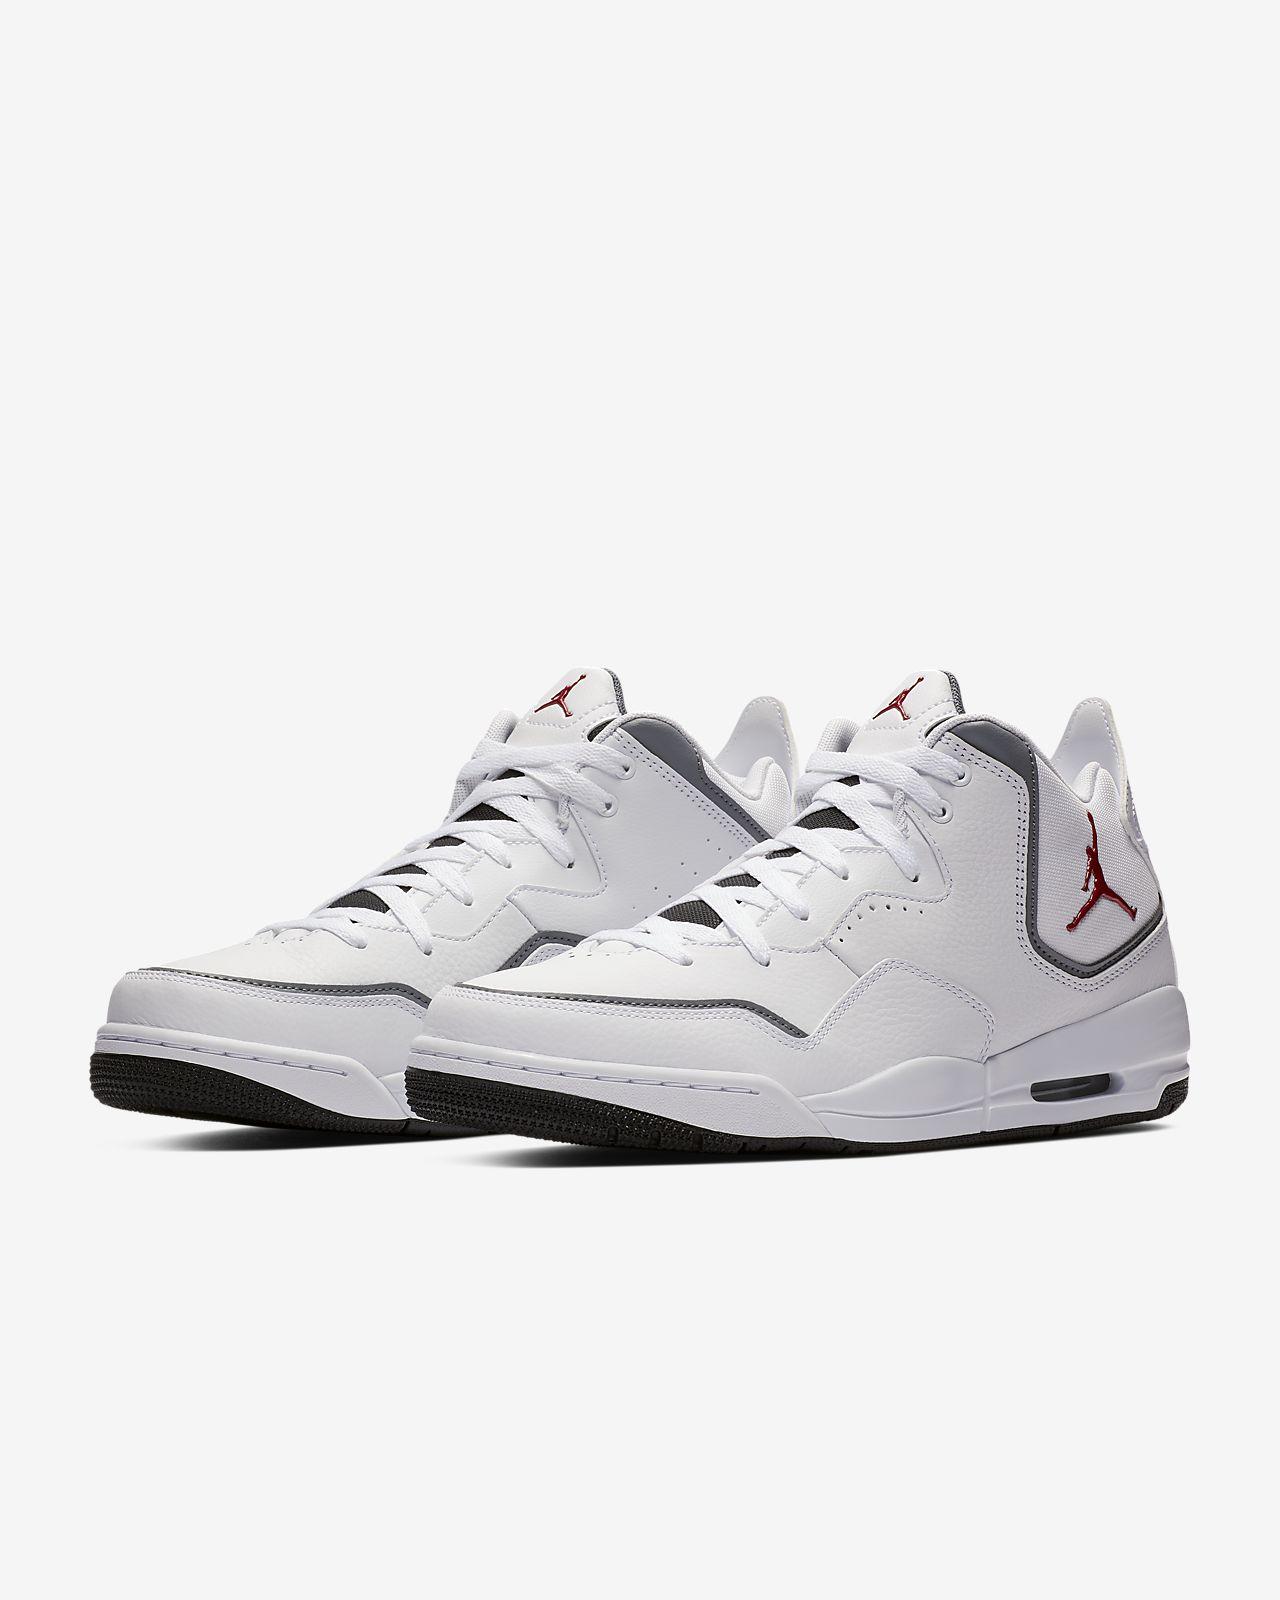 710261eef6d2a Buty męskie Jordan Courtside 23. Nike.com PL